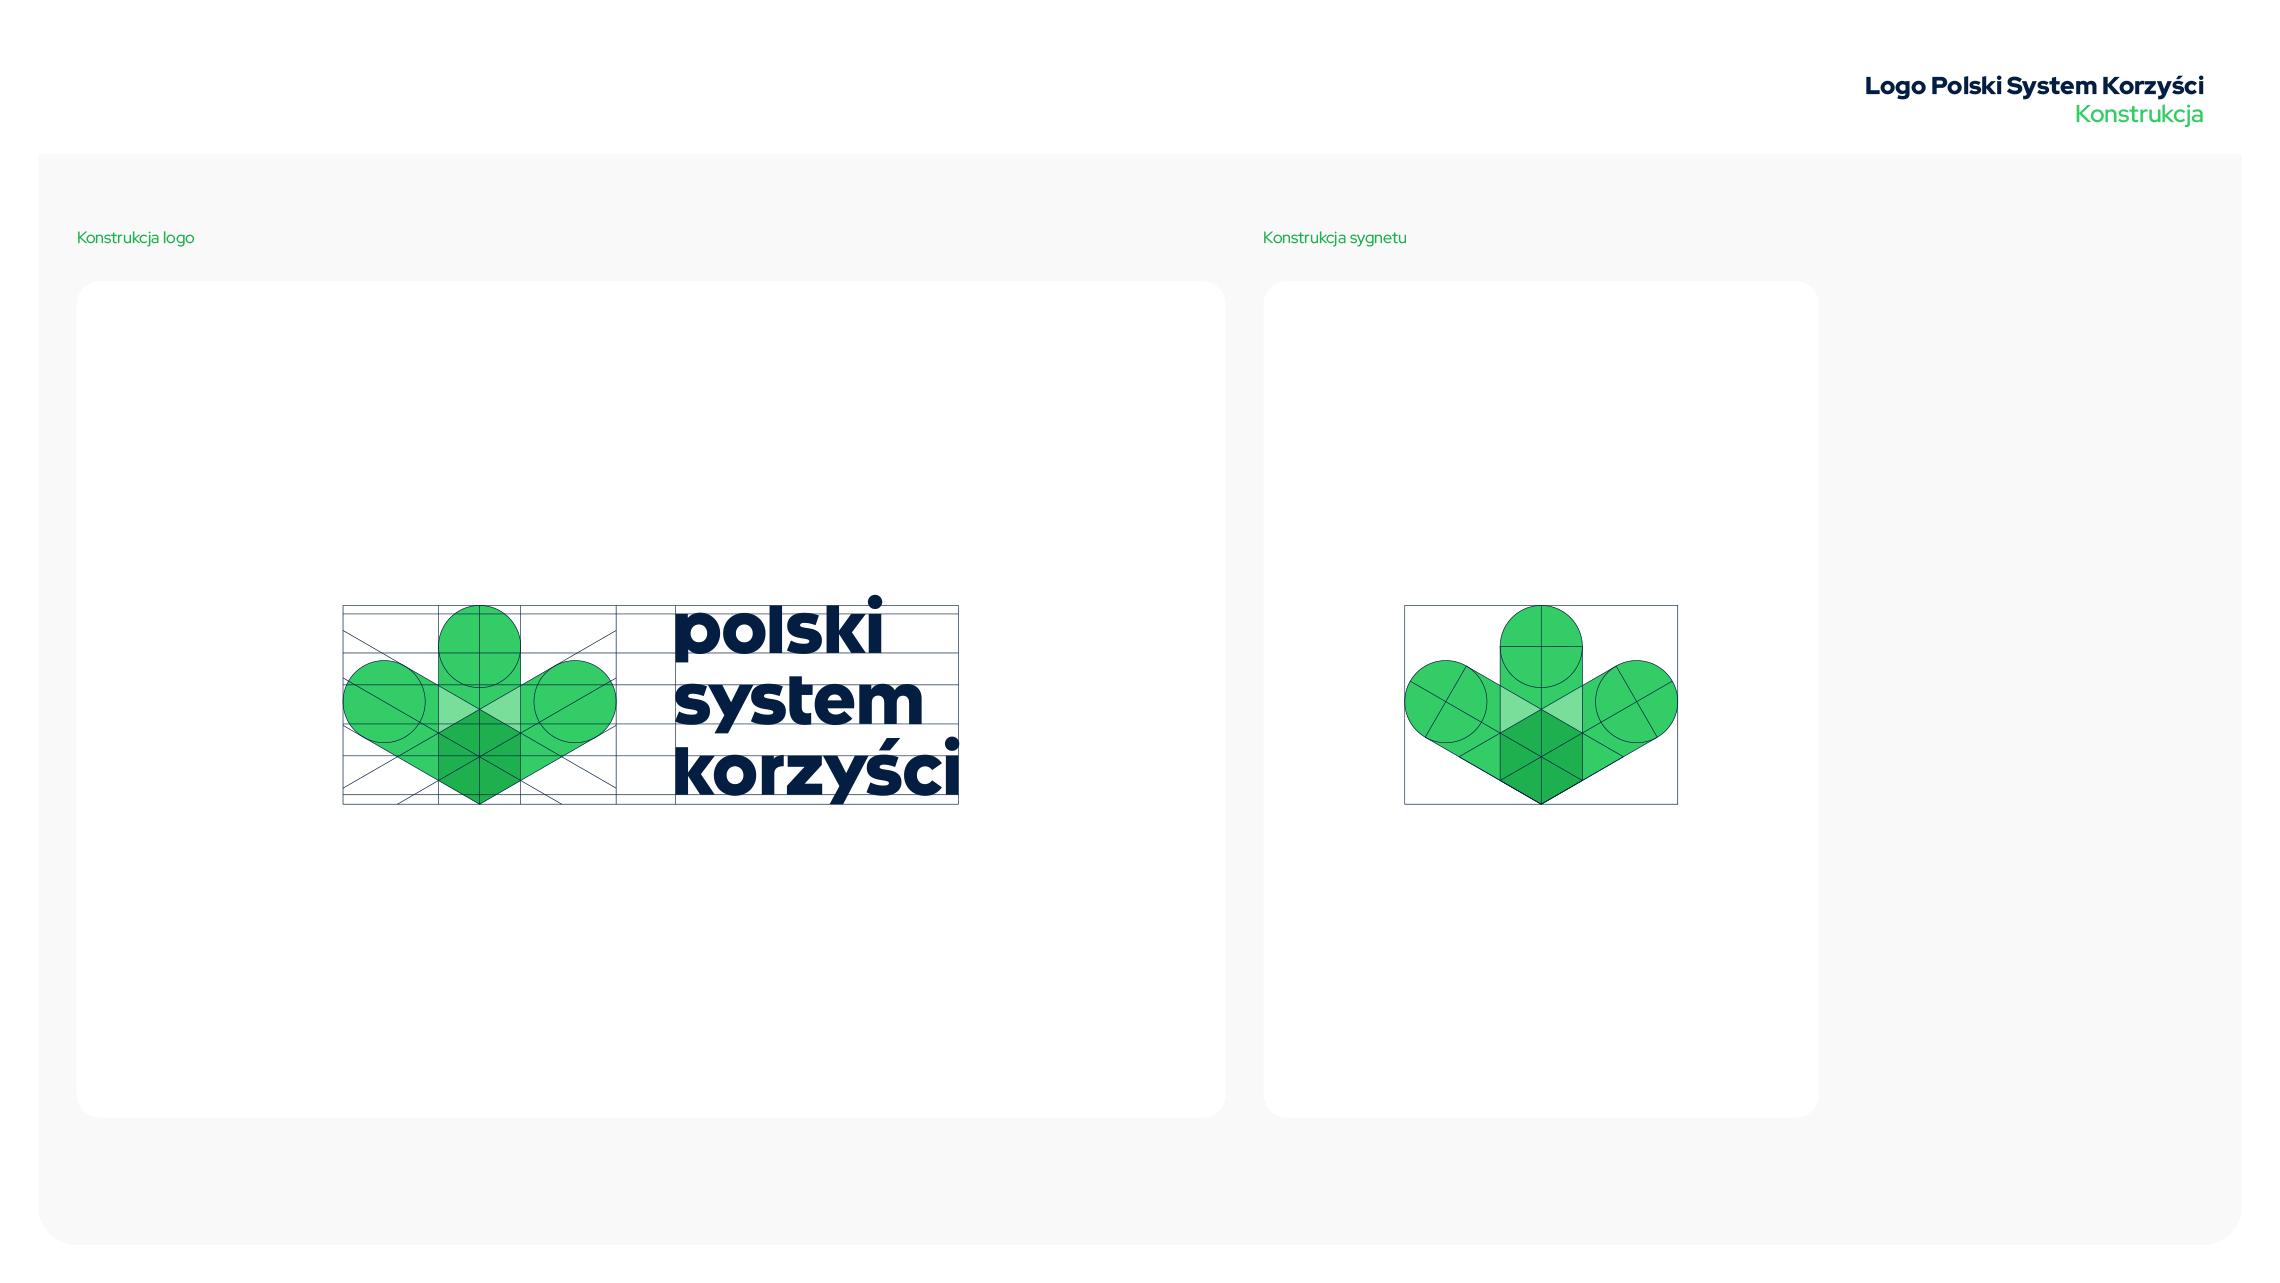 Księga znaku PSD - konstrukcja logo